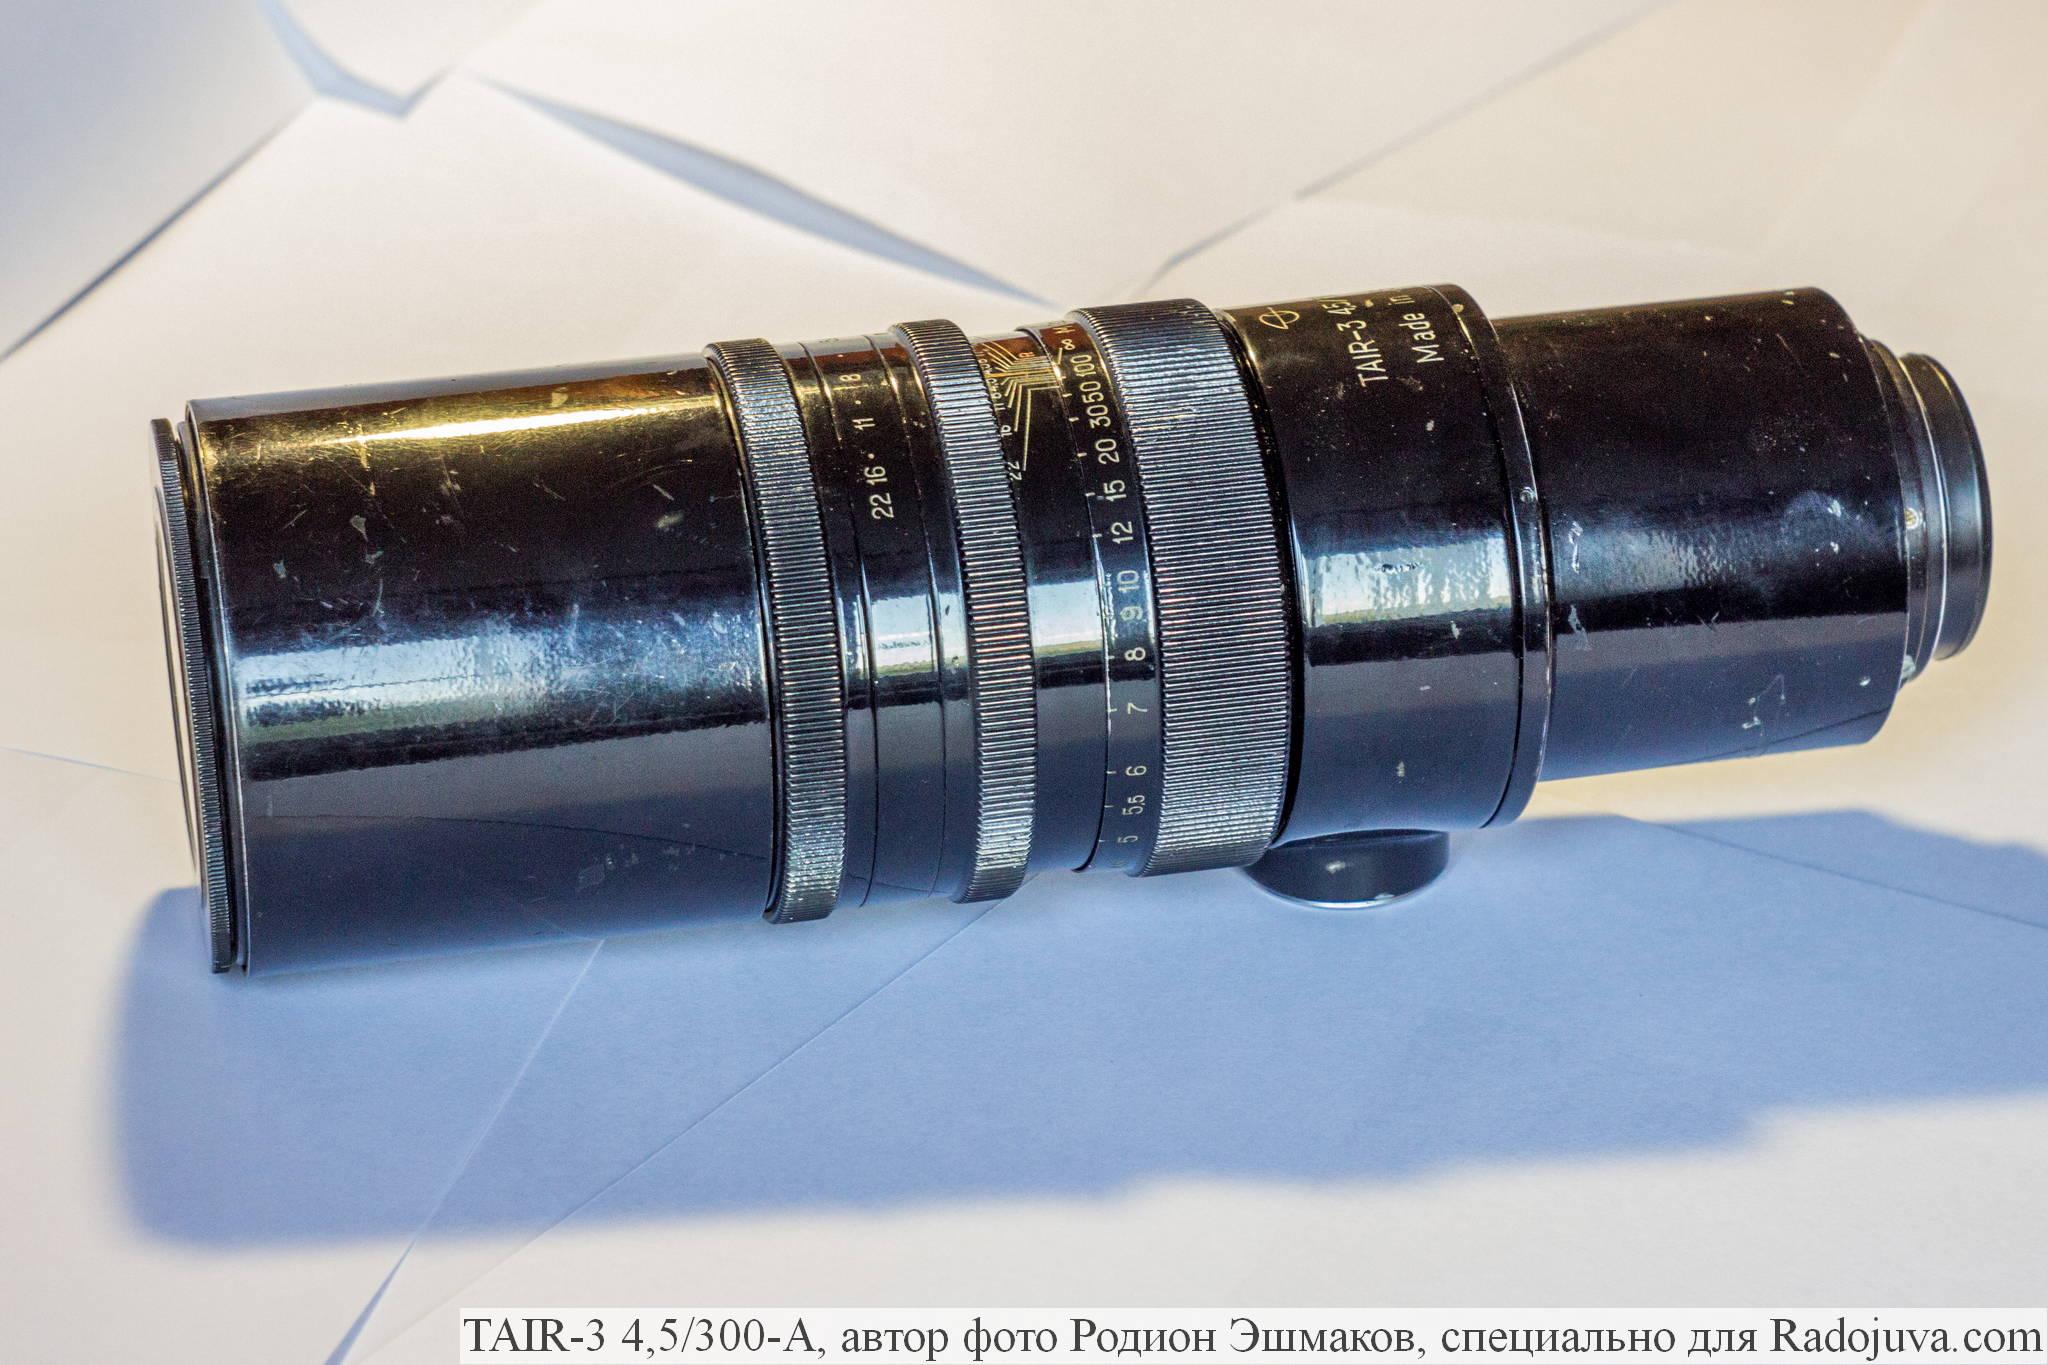 Таир-3А на бесконечности